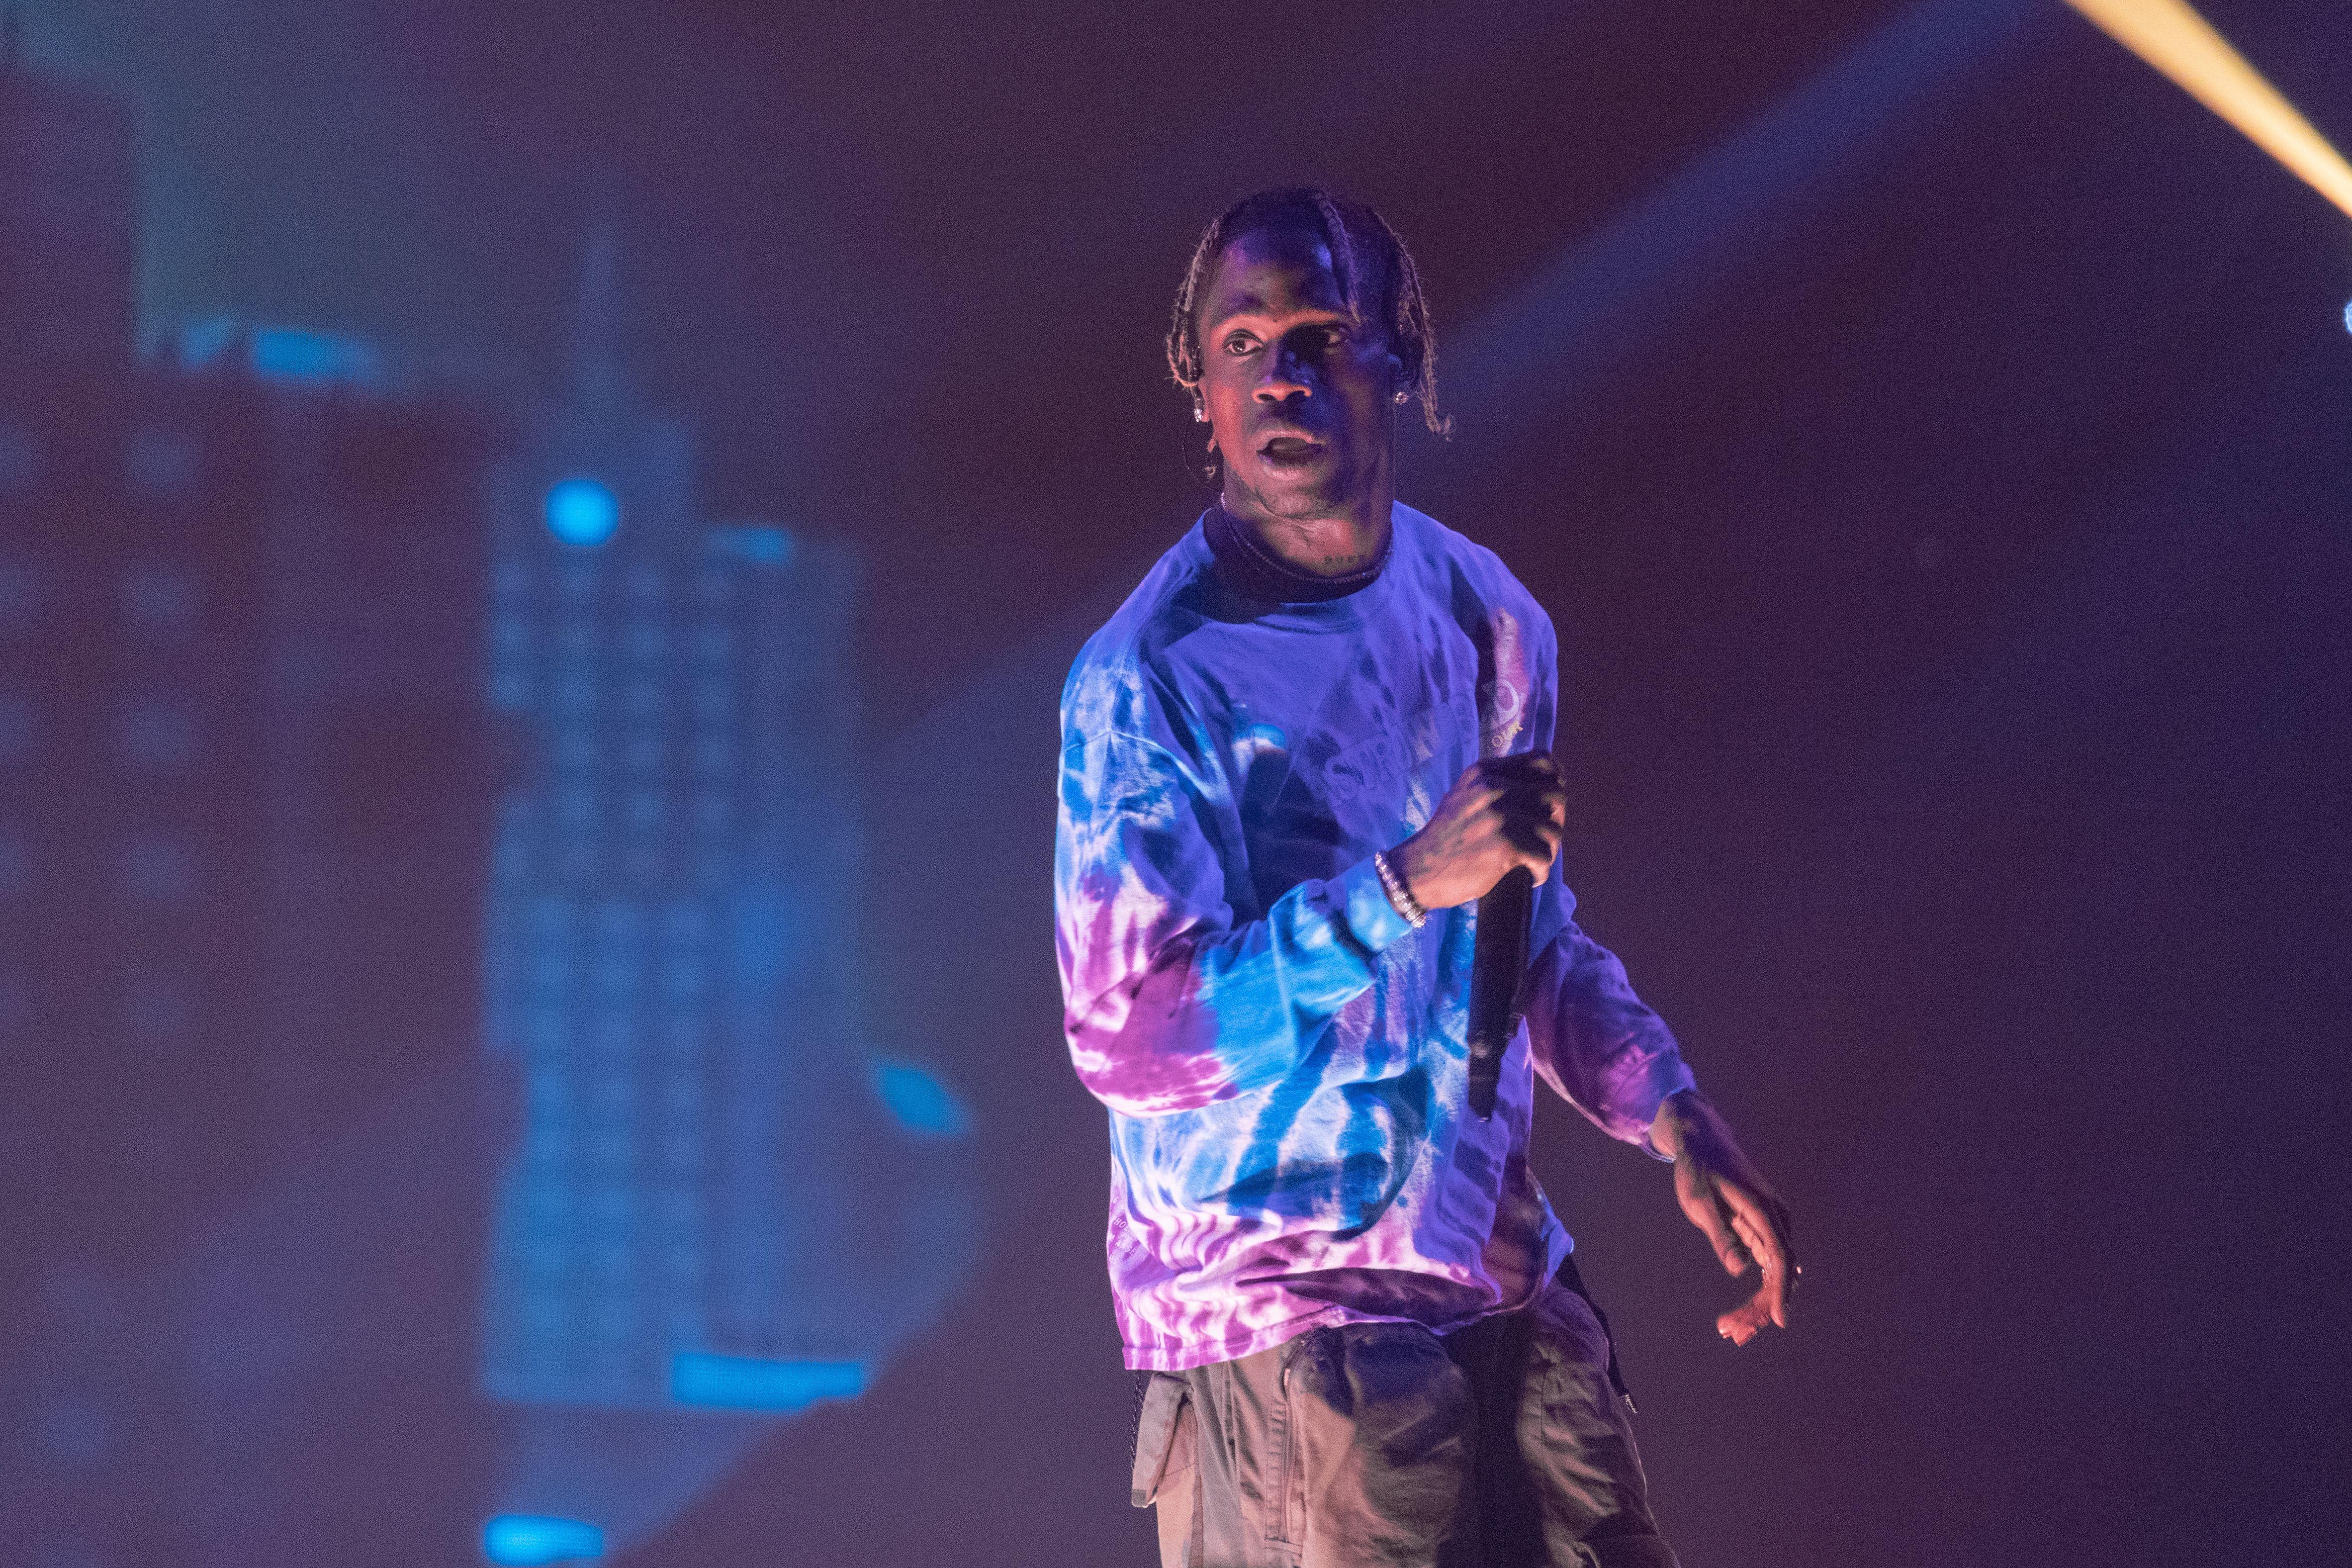 6f7913c13 Travis Scott performs during his Astroworld TourTravis Scott in concert